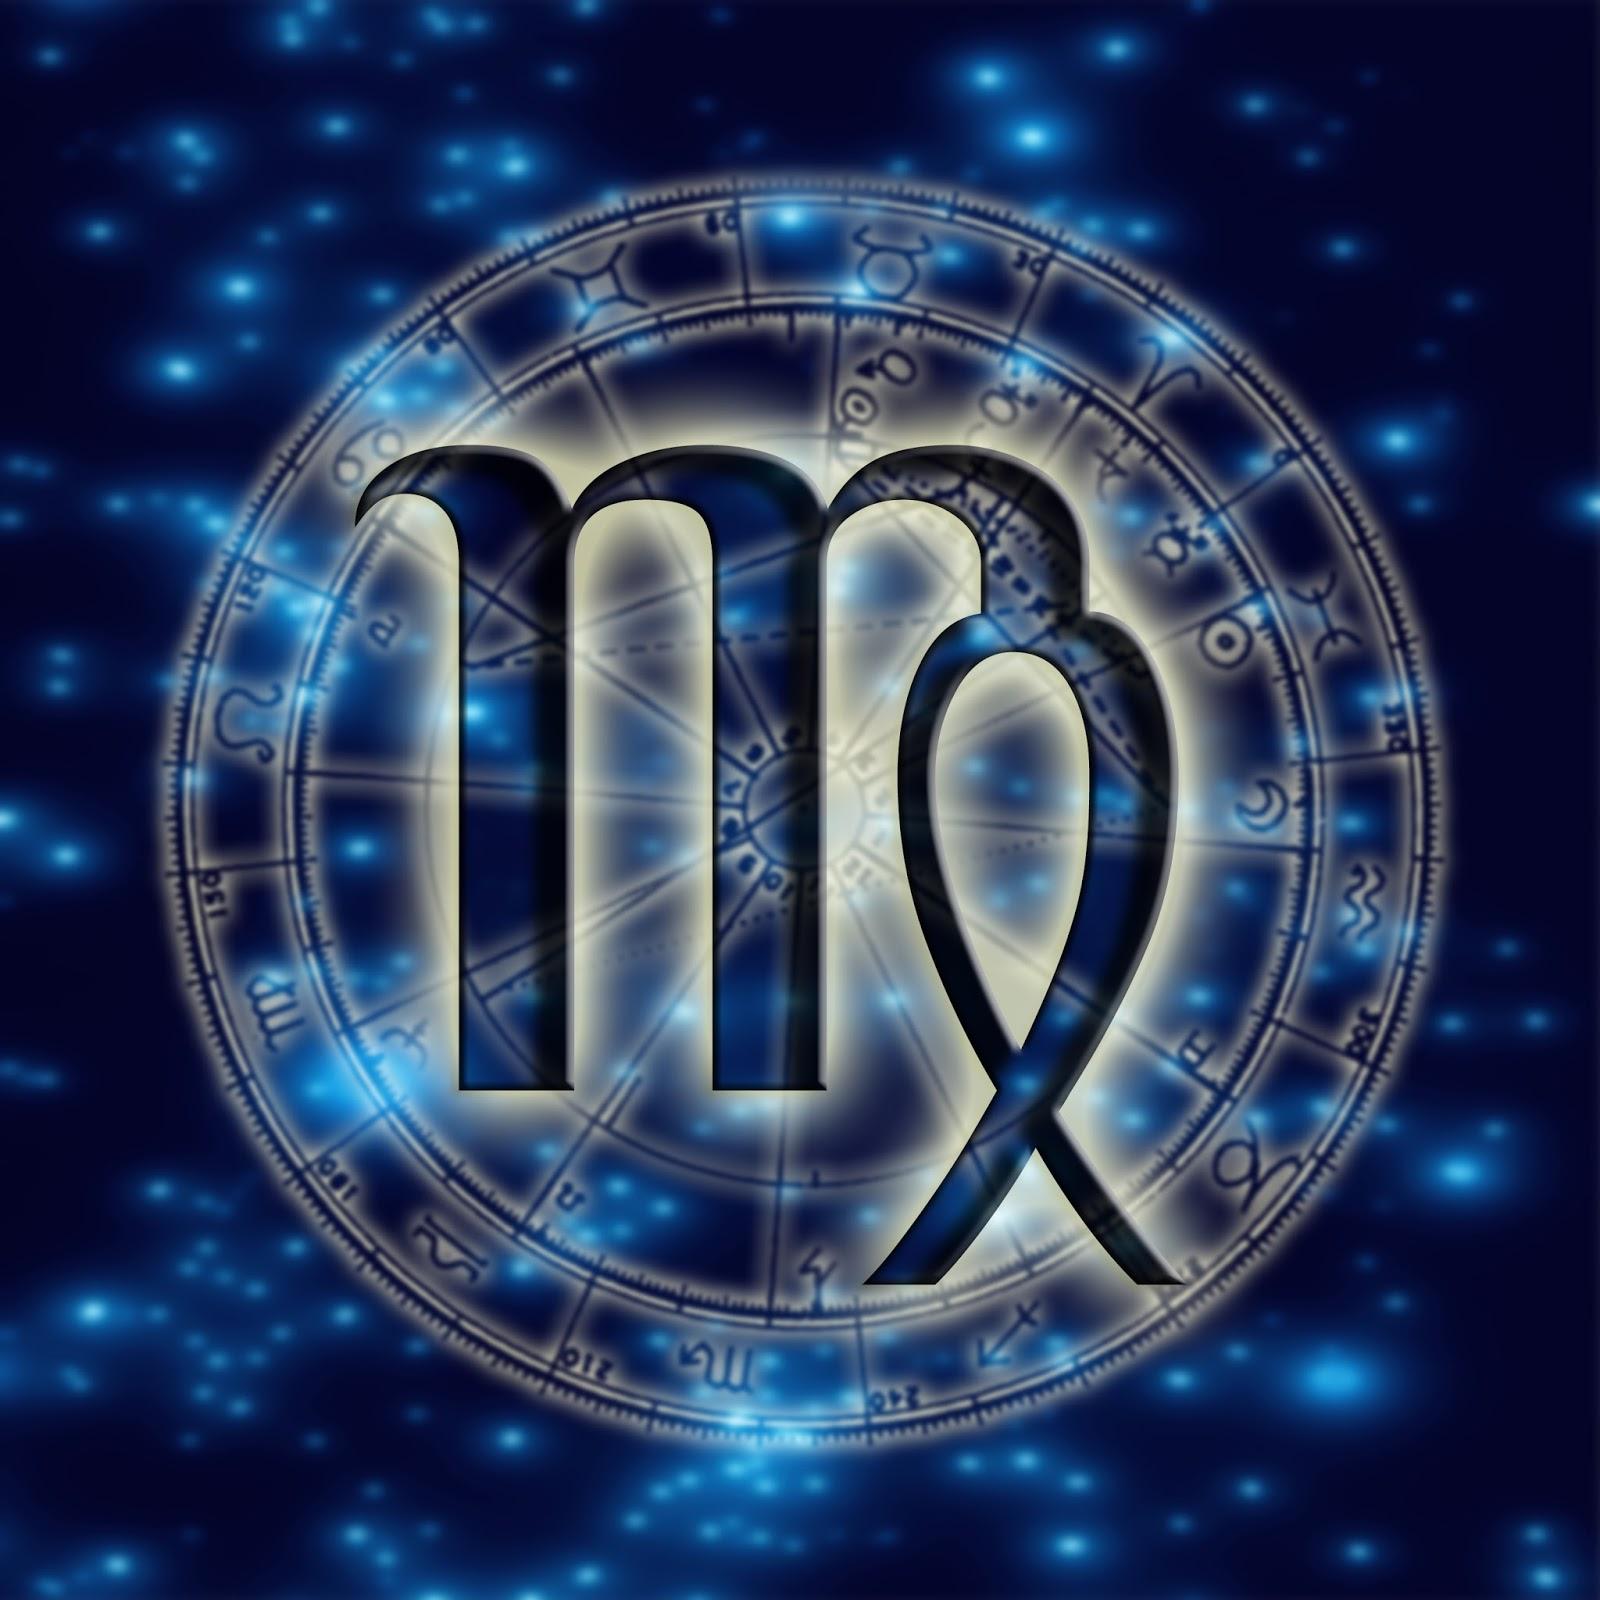 Znak Zodiaku Panna Cechy Panna to Szósty Znak Zodiaku